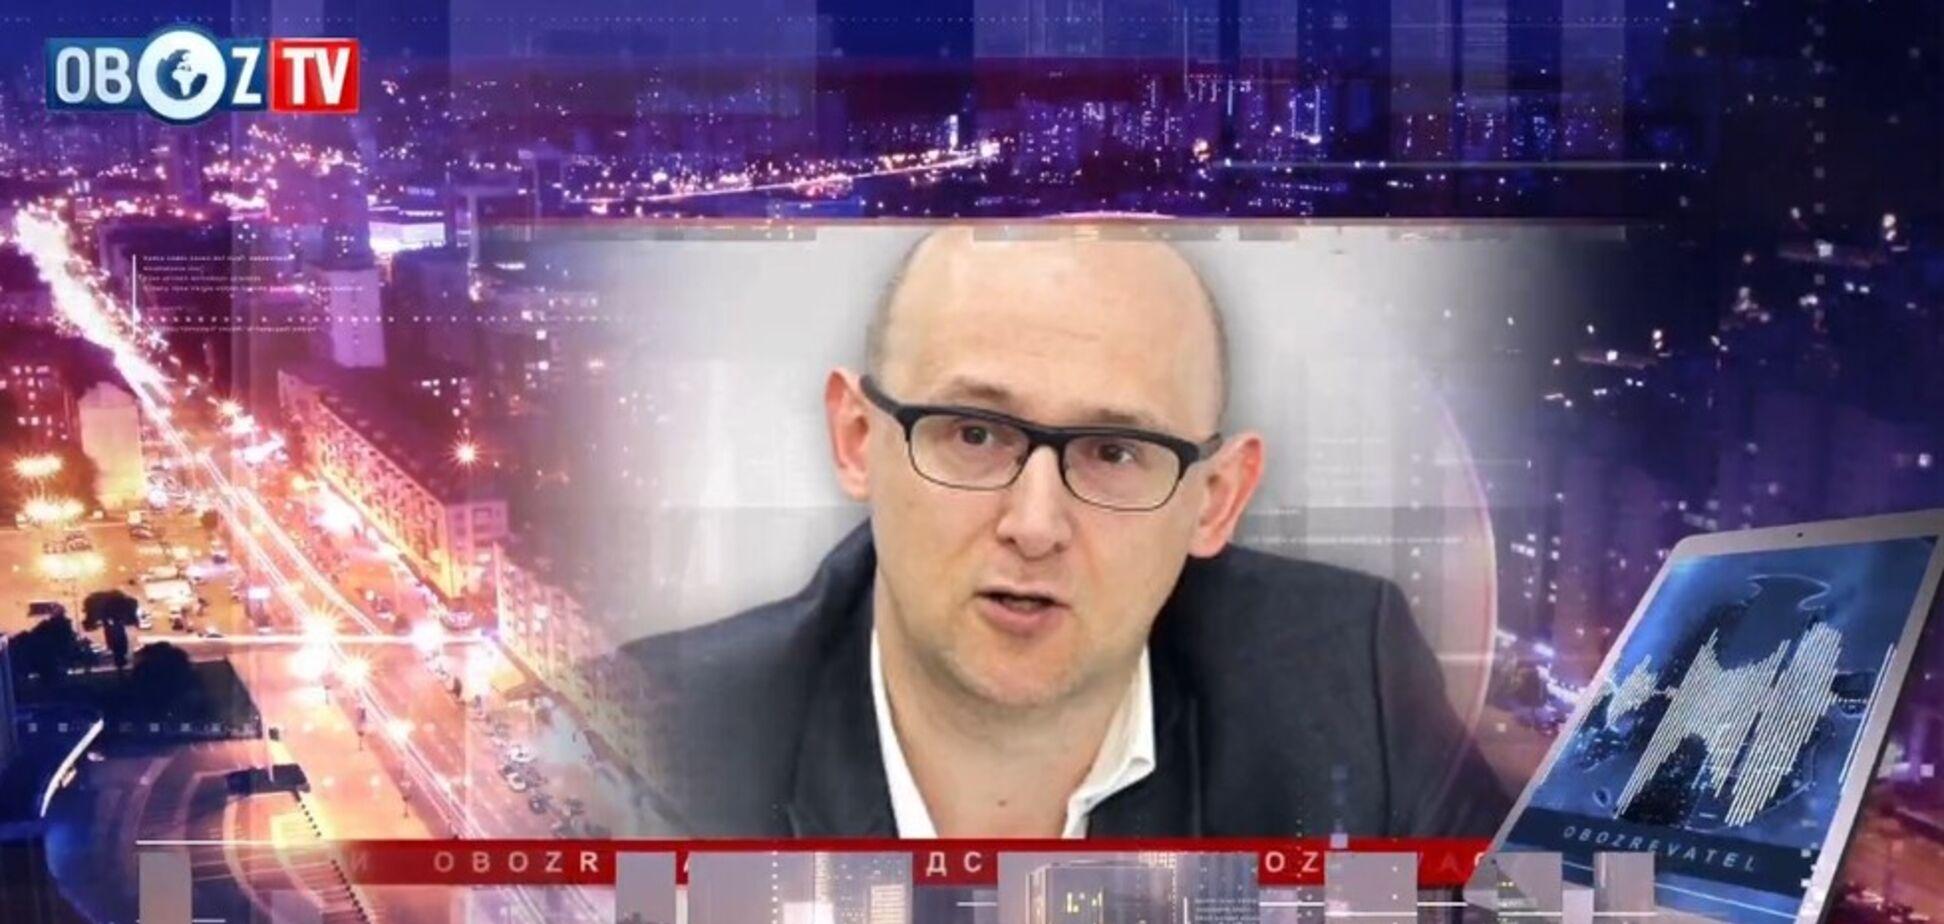 Россия заявила, что не может достроить 'Северный поток-2': комментарий эксперта